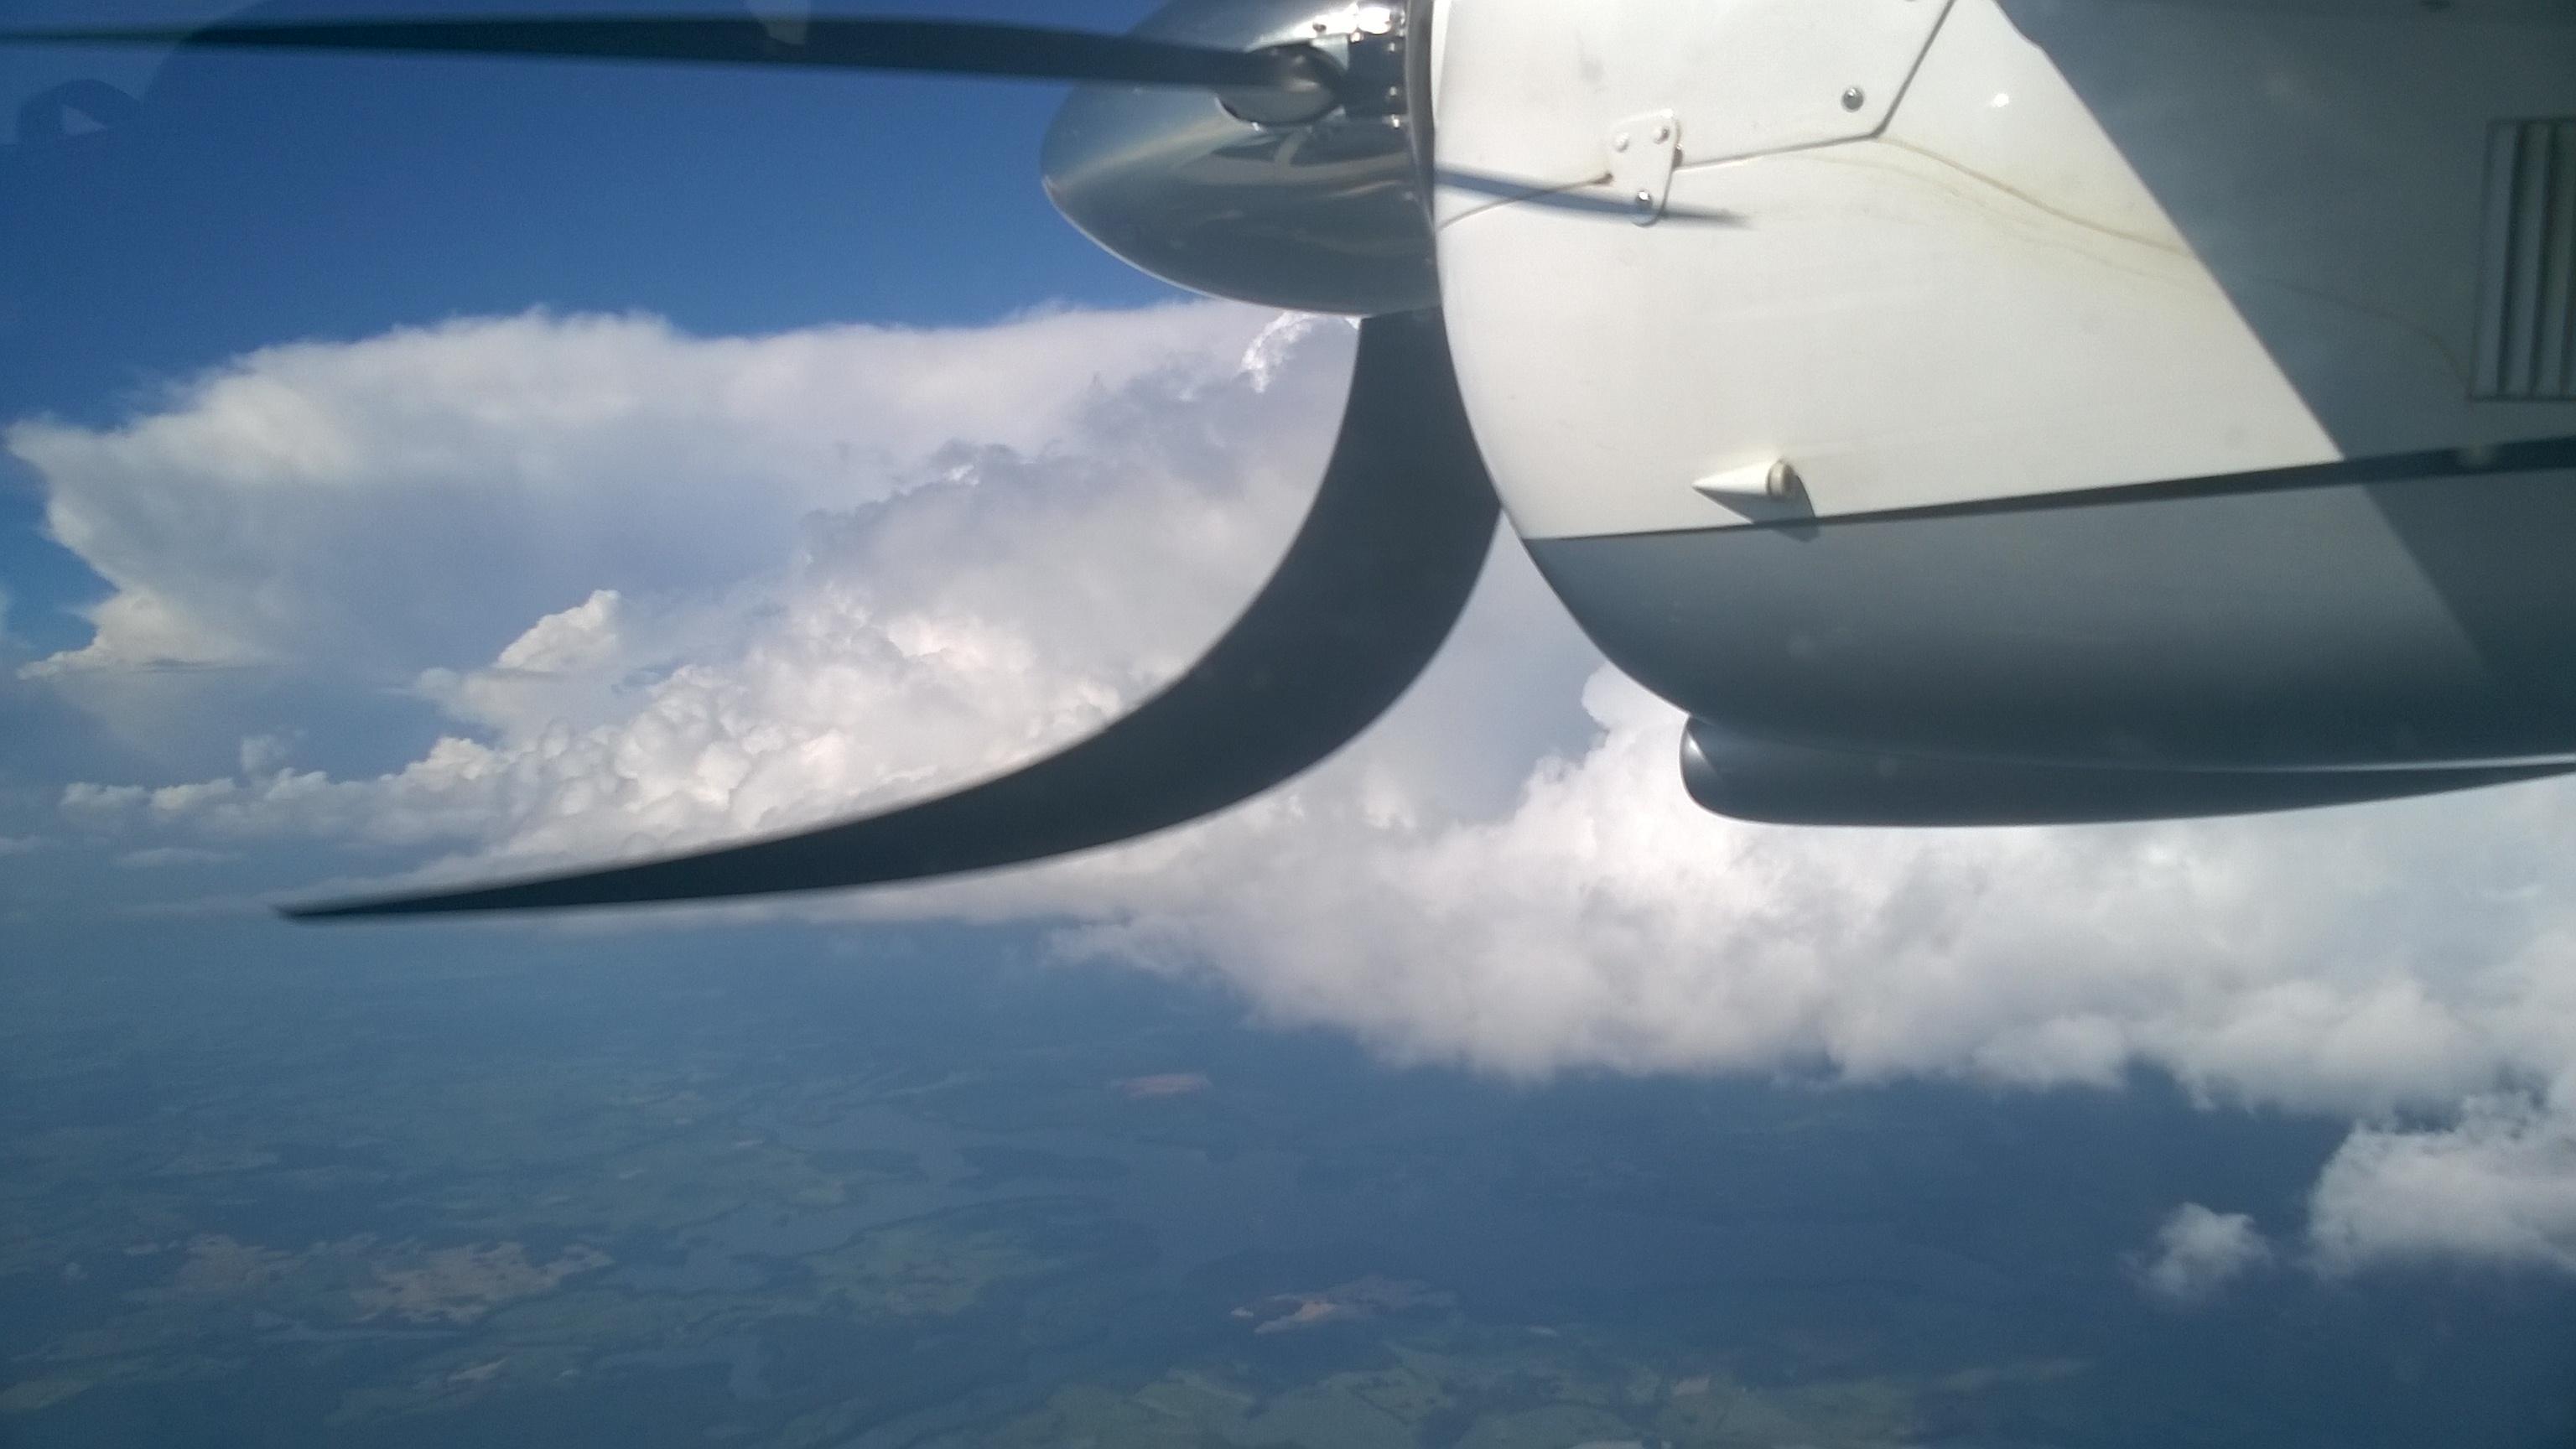 Chmurki są ładne ale dla komfortu podróżnych omijamy gdy się da.